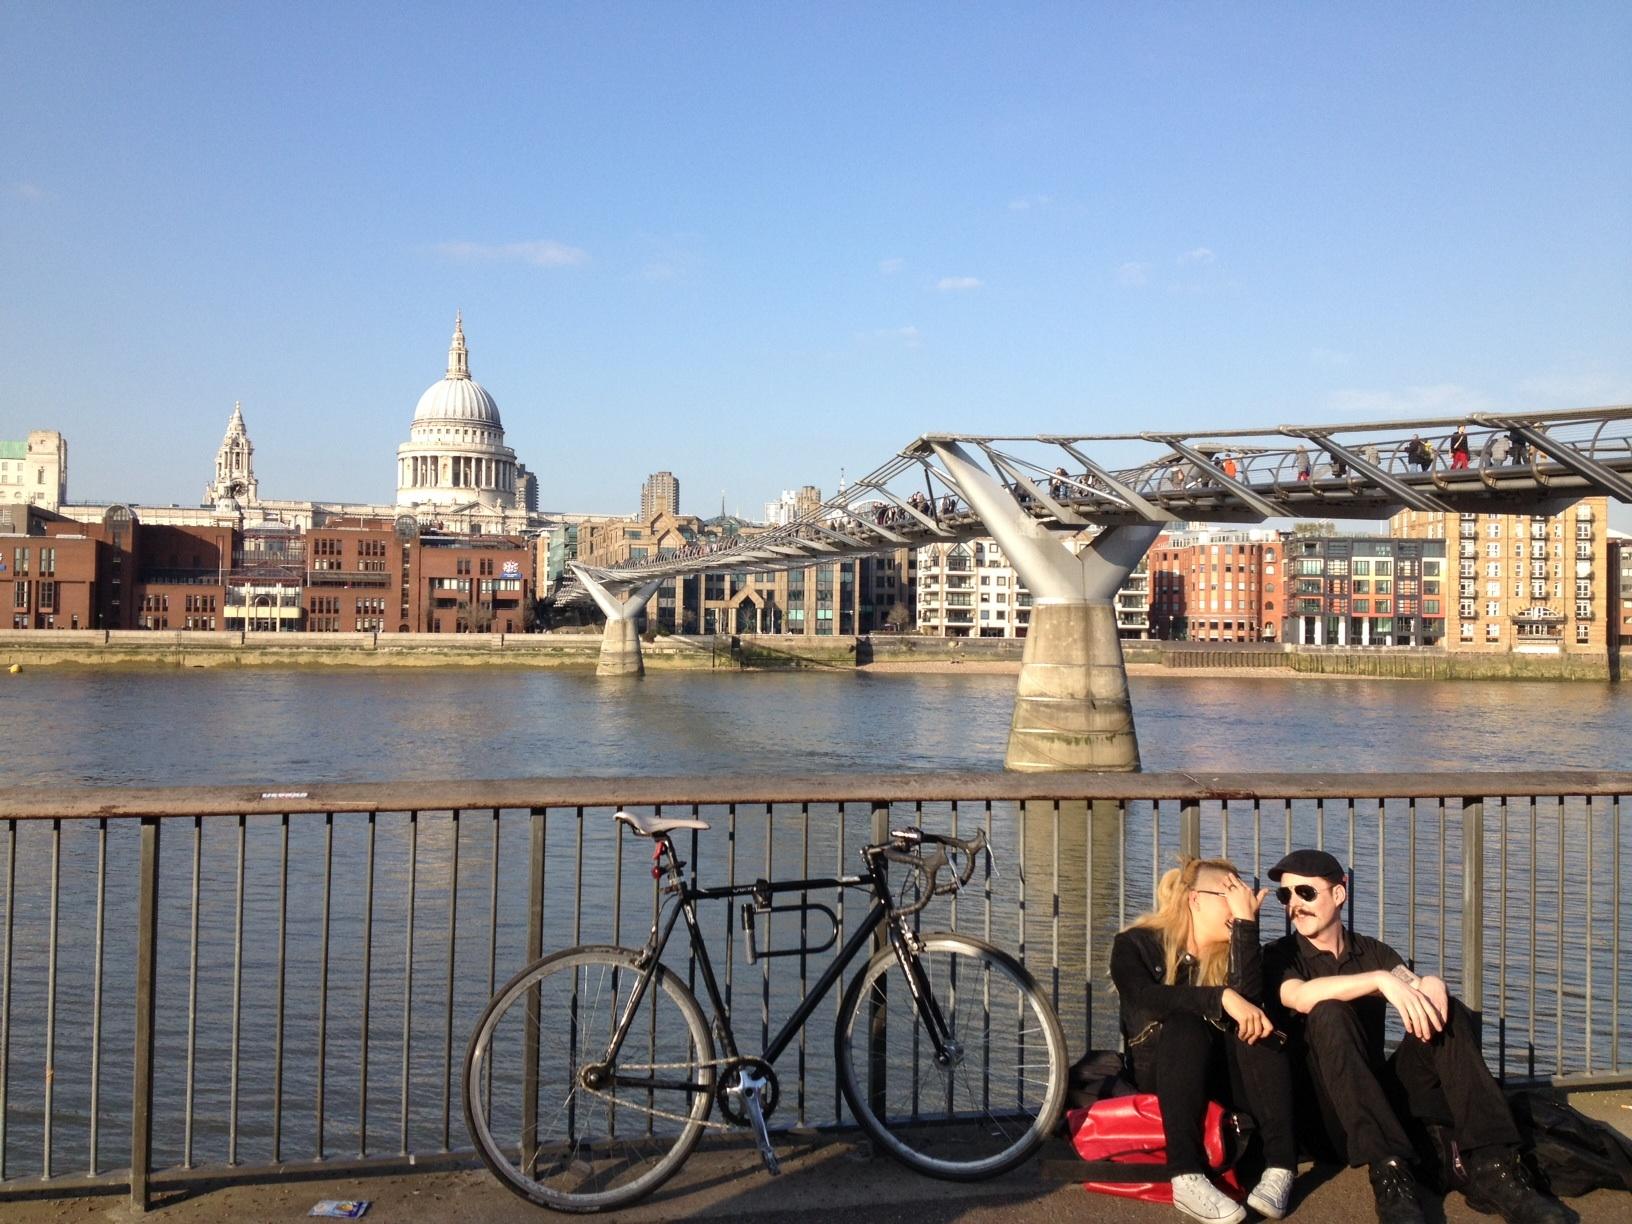 WOW GREAT BRITAIN: БУМ В ИКОНОМИКАТА И НА ИМОТНИЯ ПАЗАР, БЕЙБИ-БУМ В ЛОНДОН - НАСЕЛЕНИЕТО СТИГНА РЕКОРДНИТЕ 8,3 МИЛИОНА